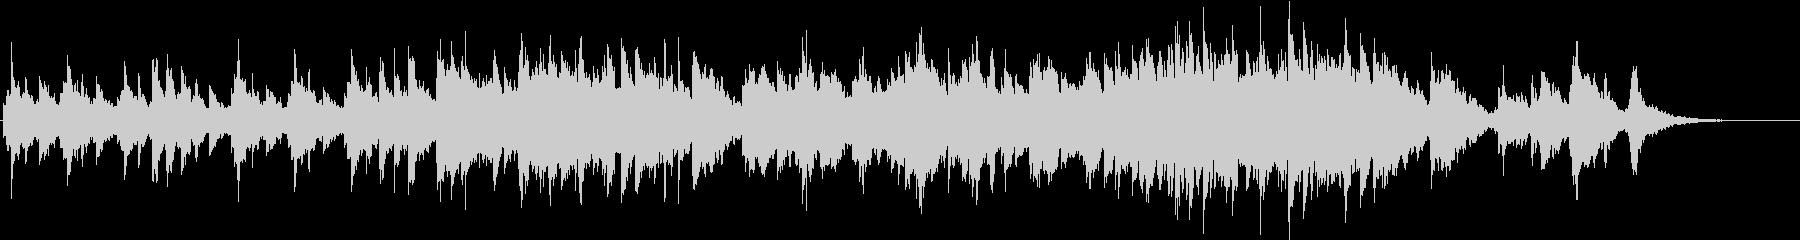 ノスタルジックなエレピバラードの未再生の波形